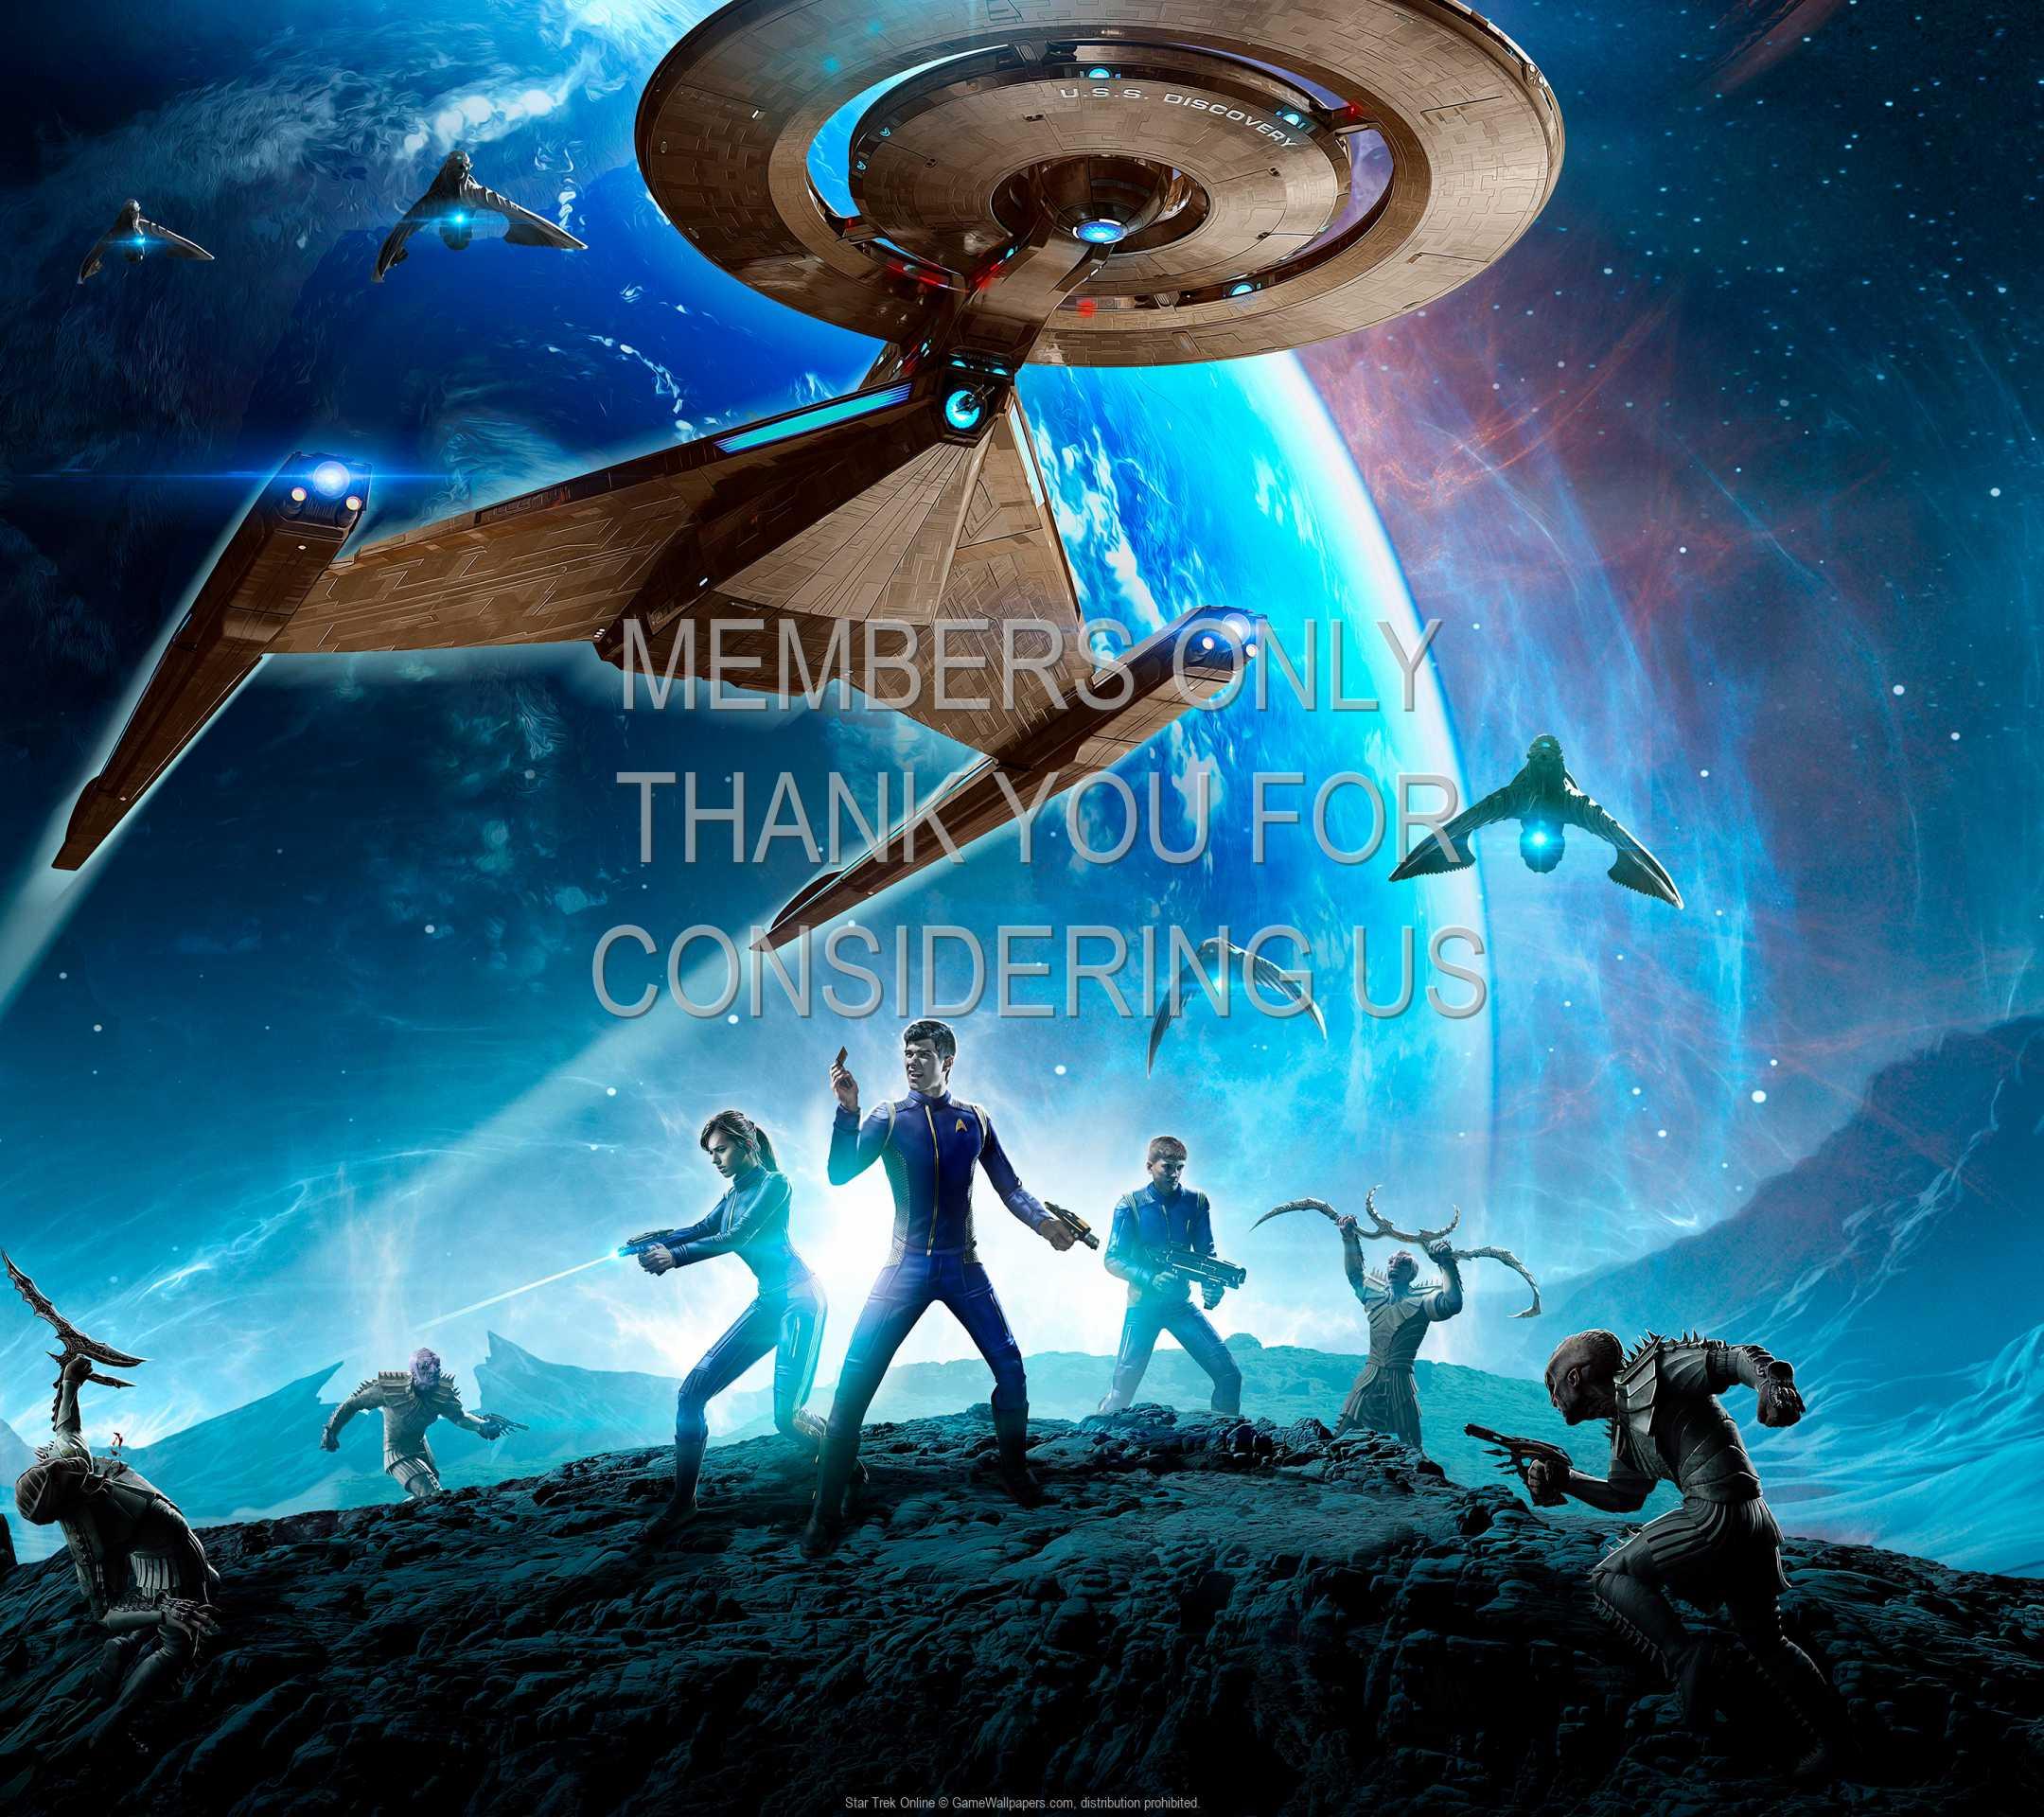 Star Trek Online 1080p Horizontal Mobile wallpaper or background 07